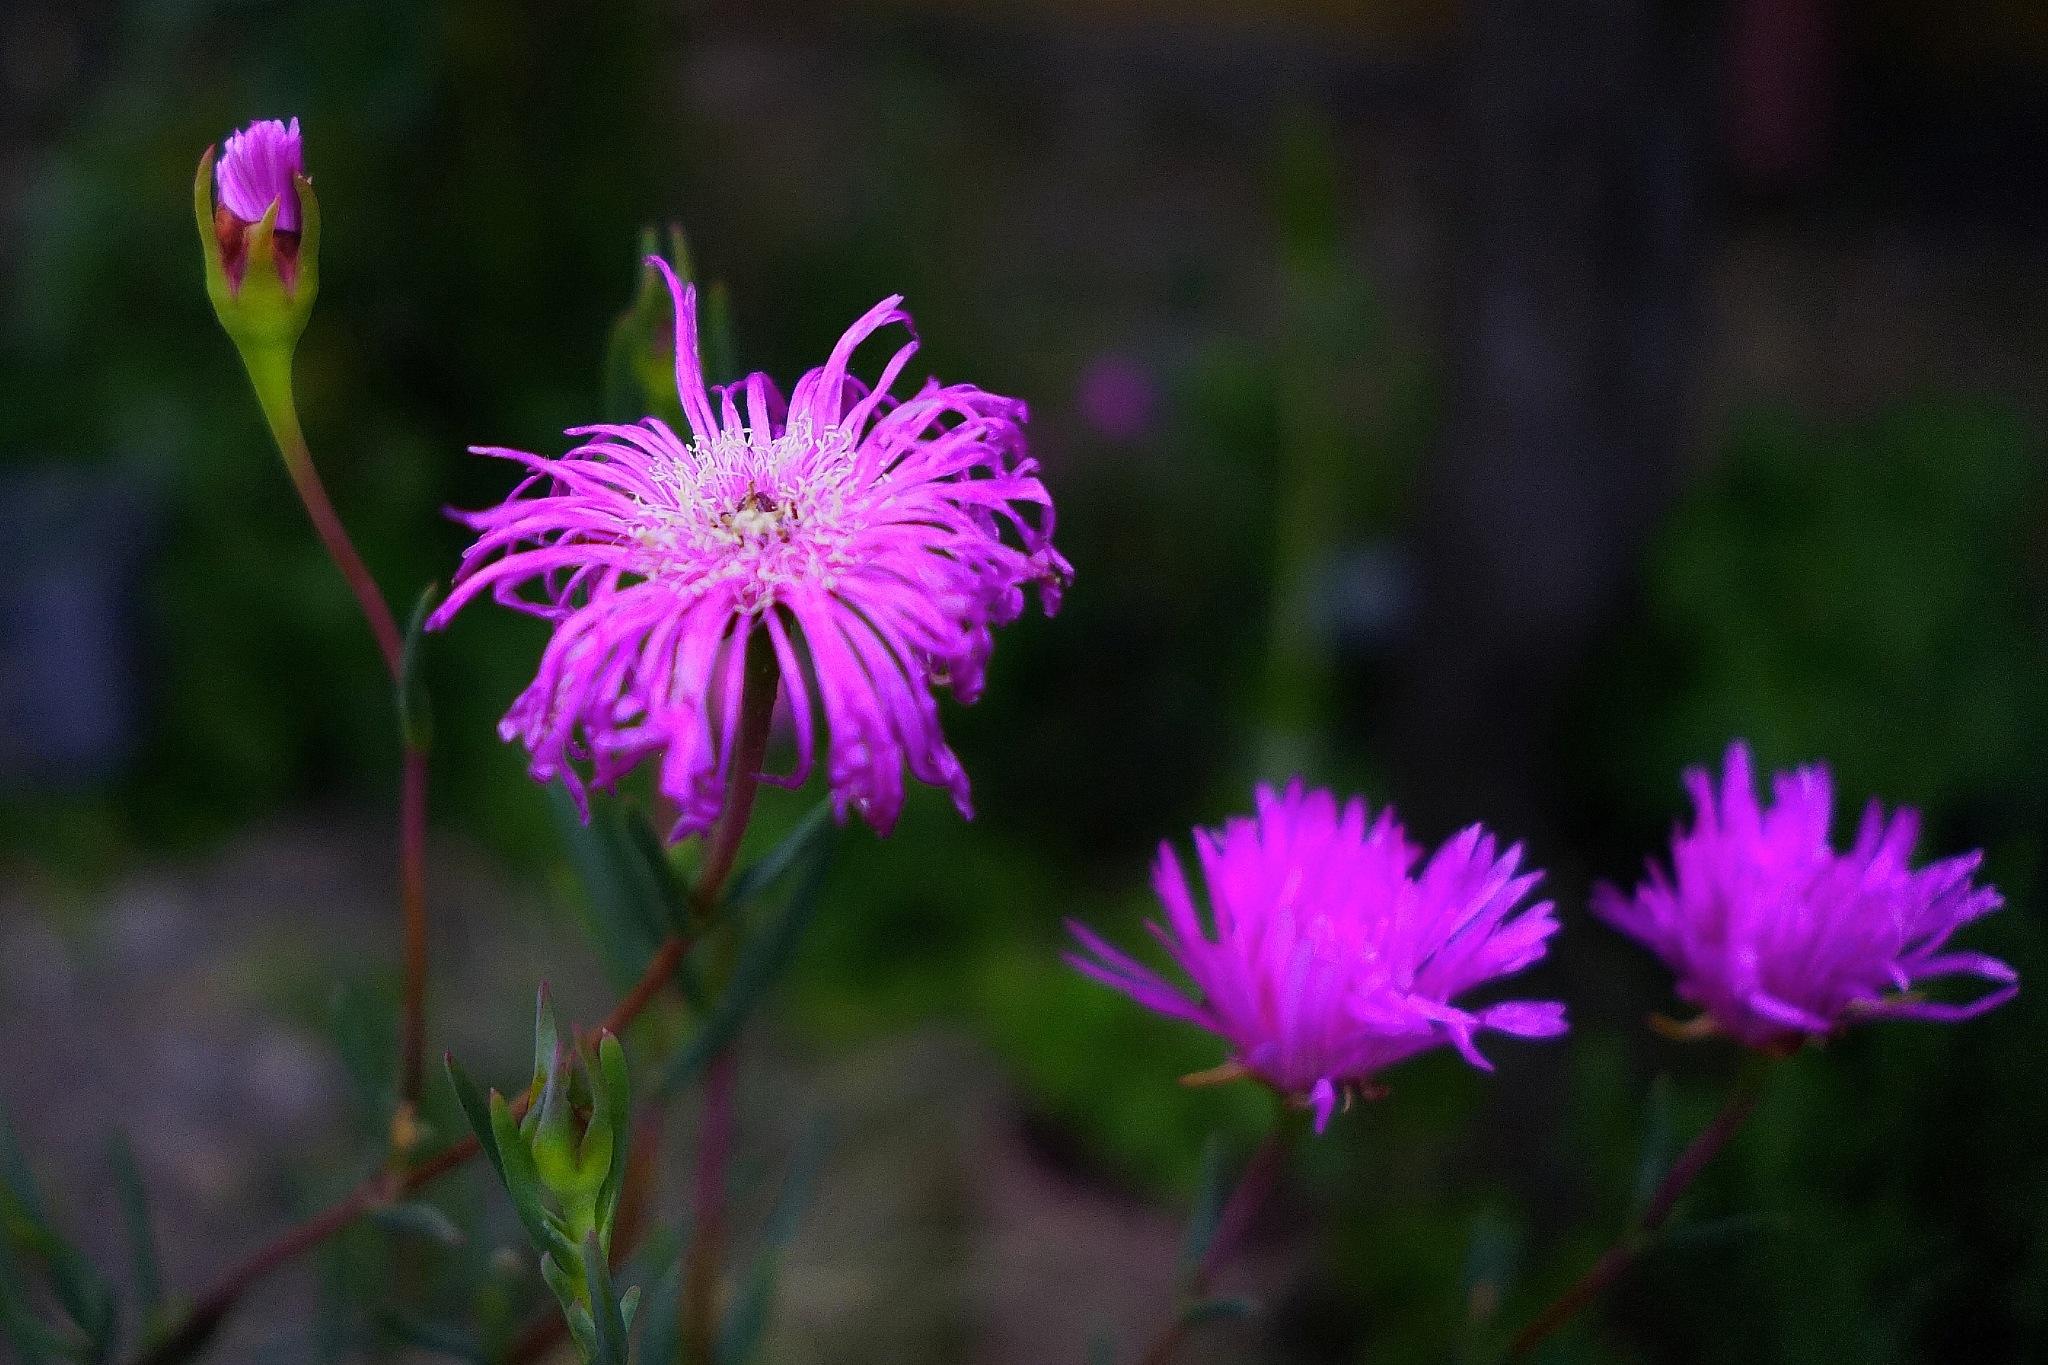 Light flowers by Marcelo Lorca